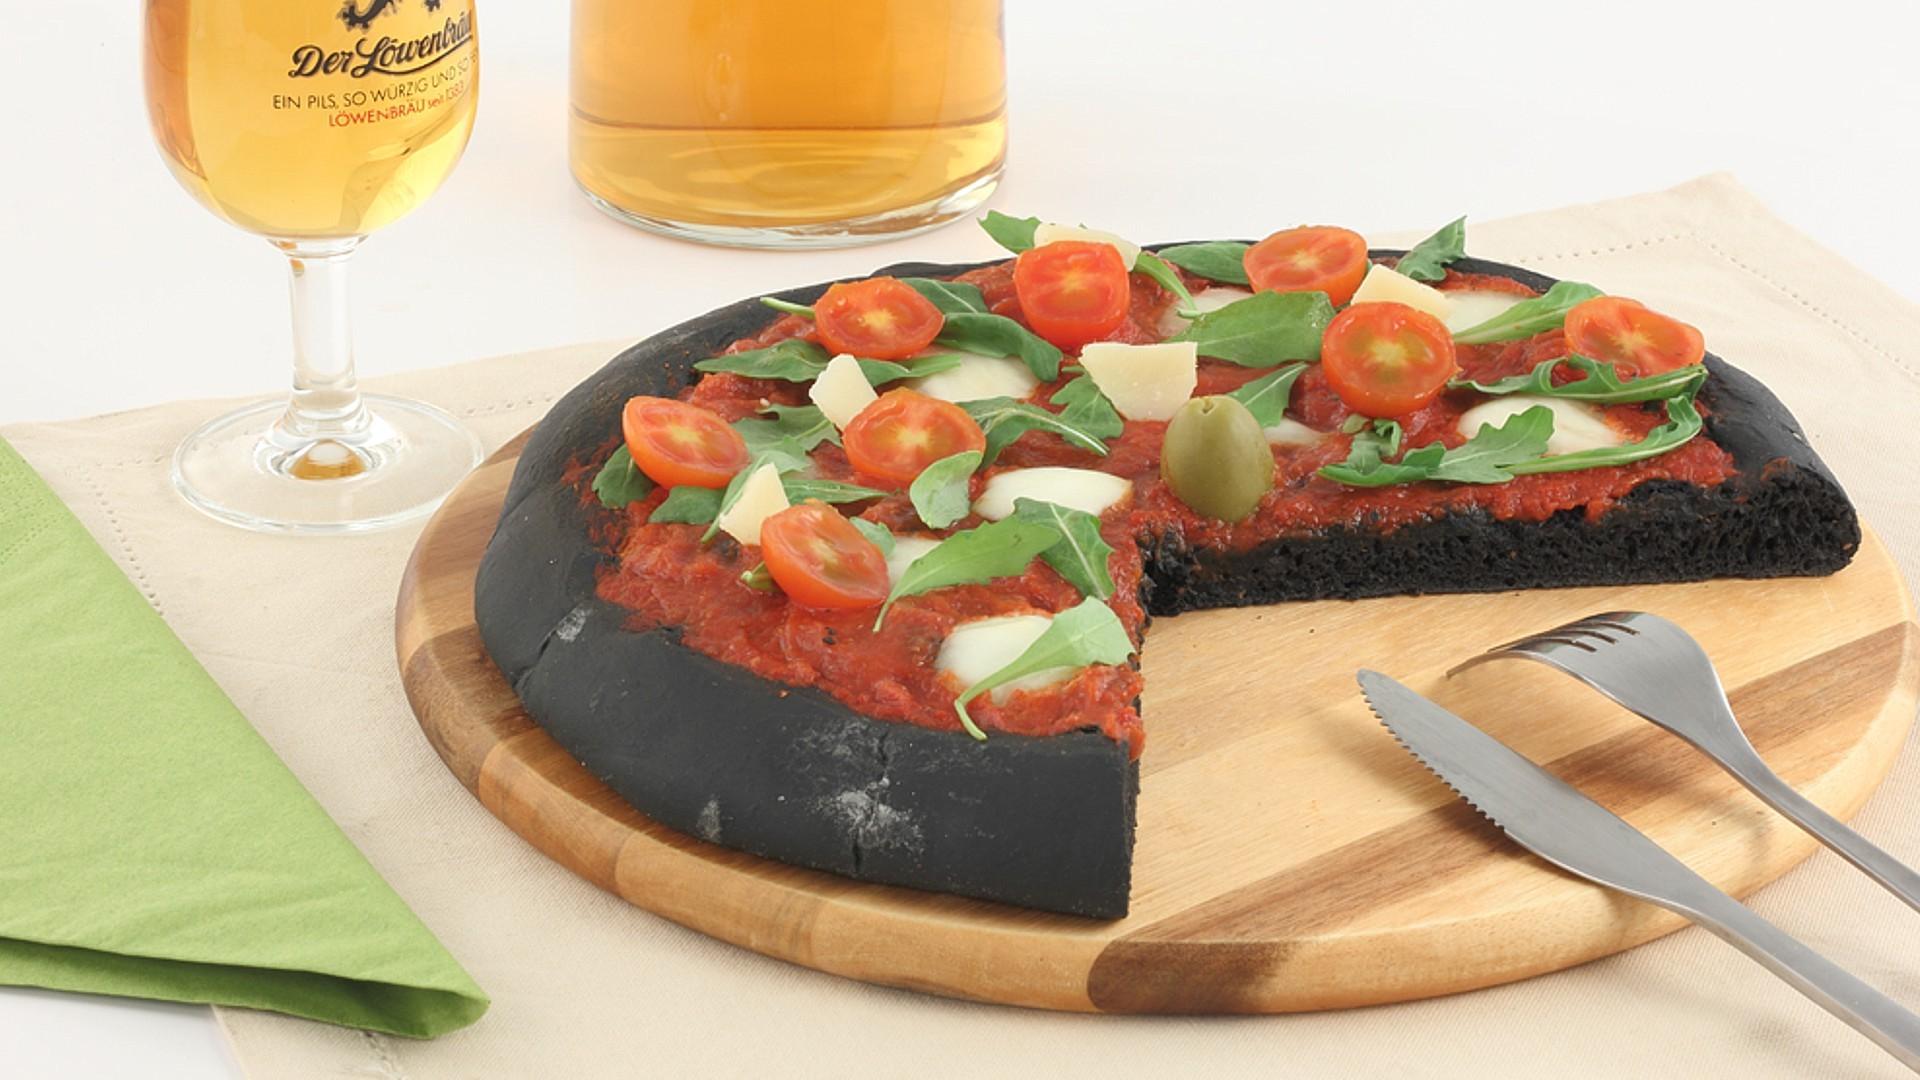 Preparato per pizza al carbone vegetale